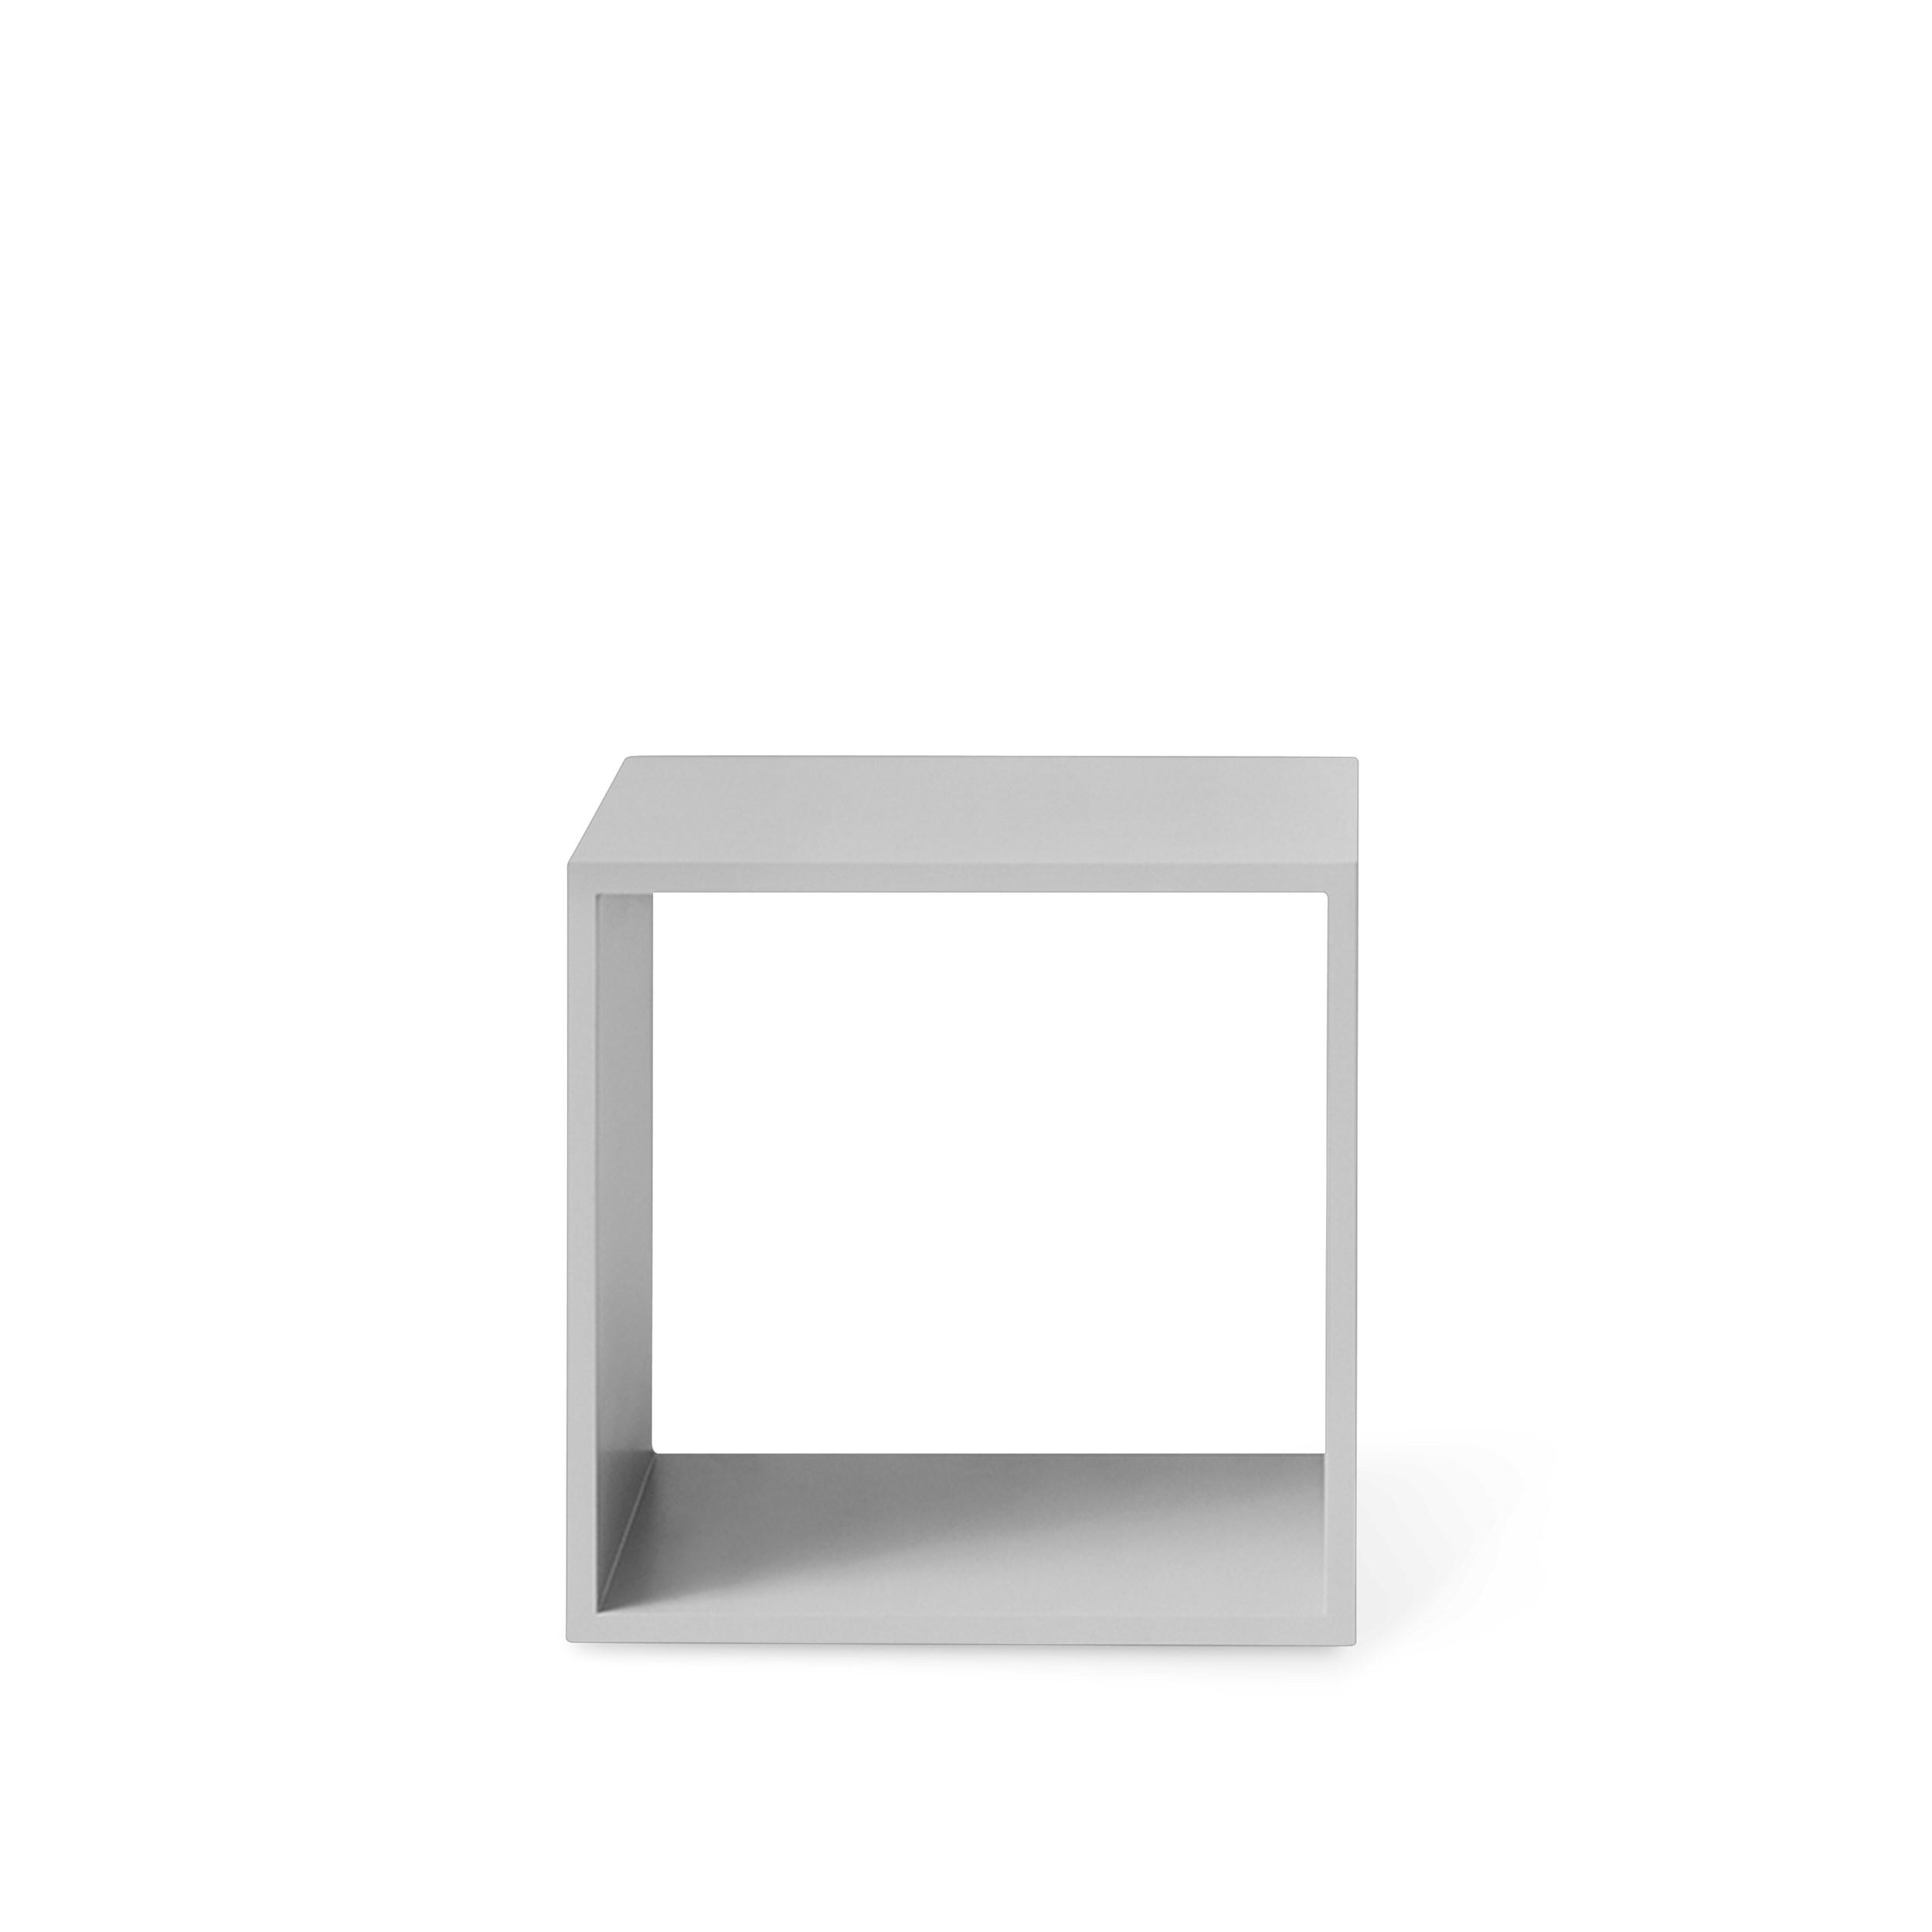 Stacked 2.0 medium open light grey